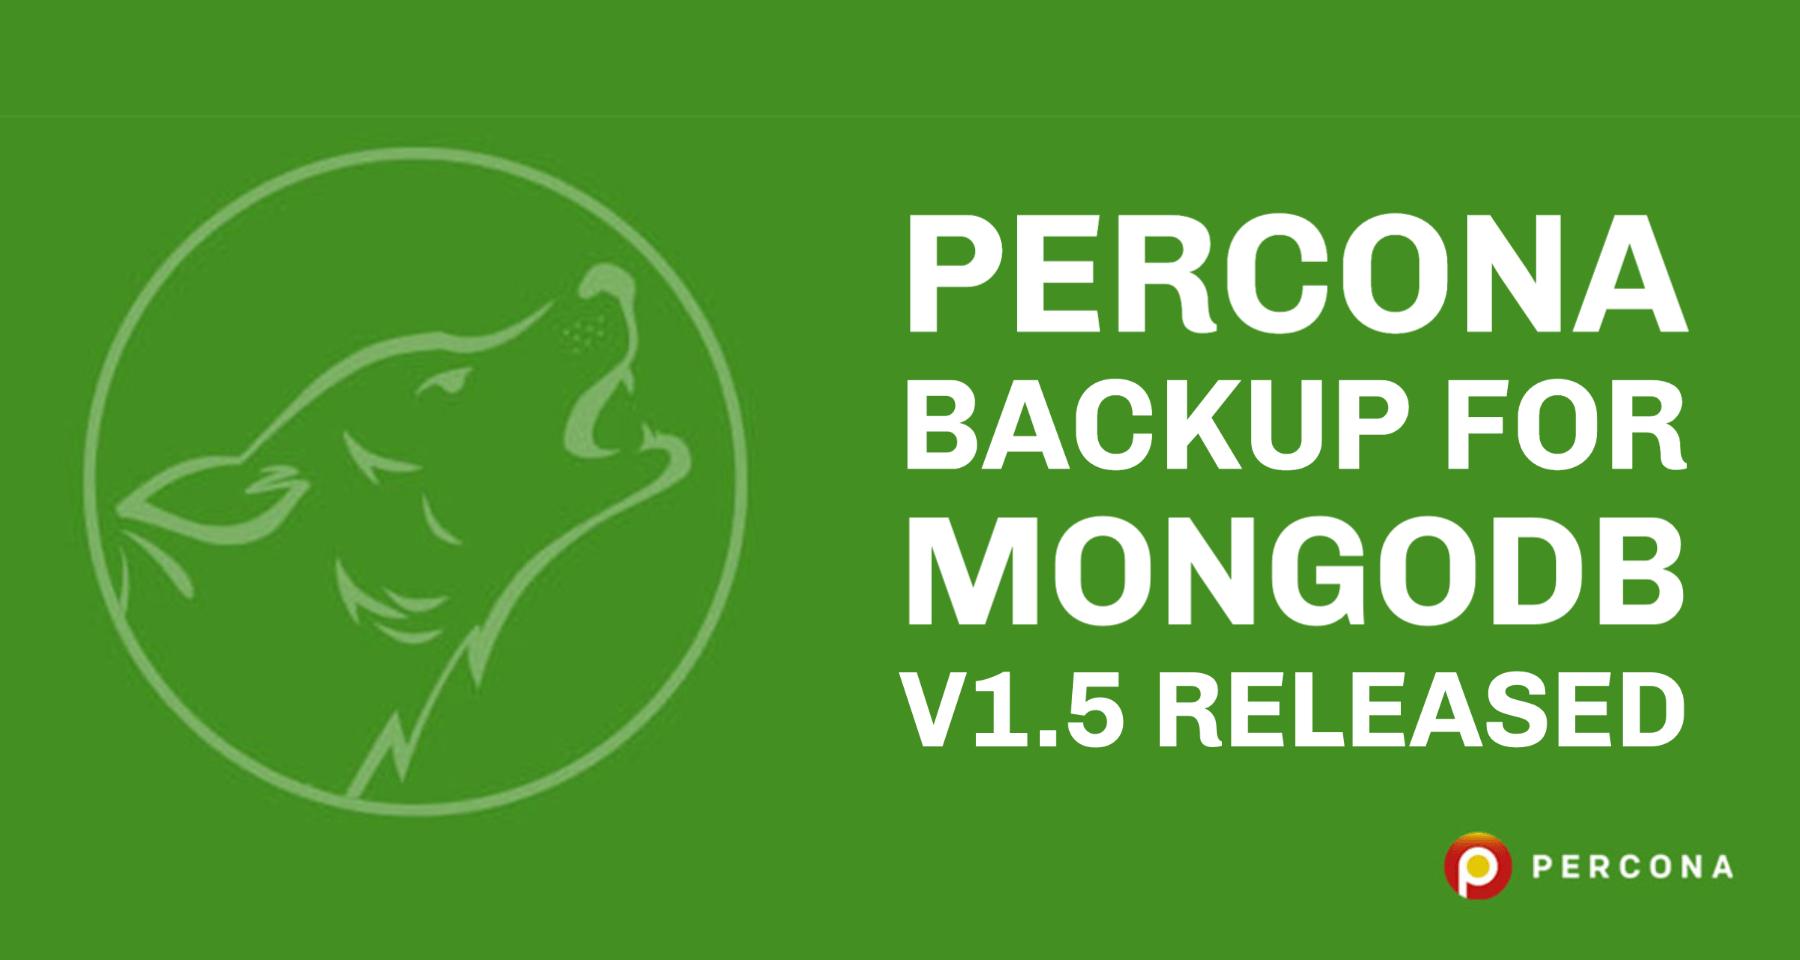 Percona Backup for MongoDB v1.5 Released